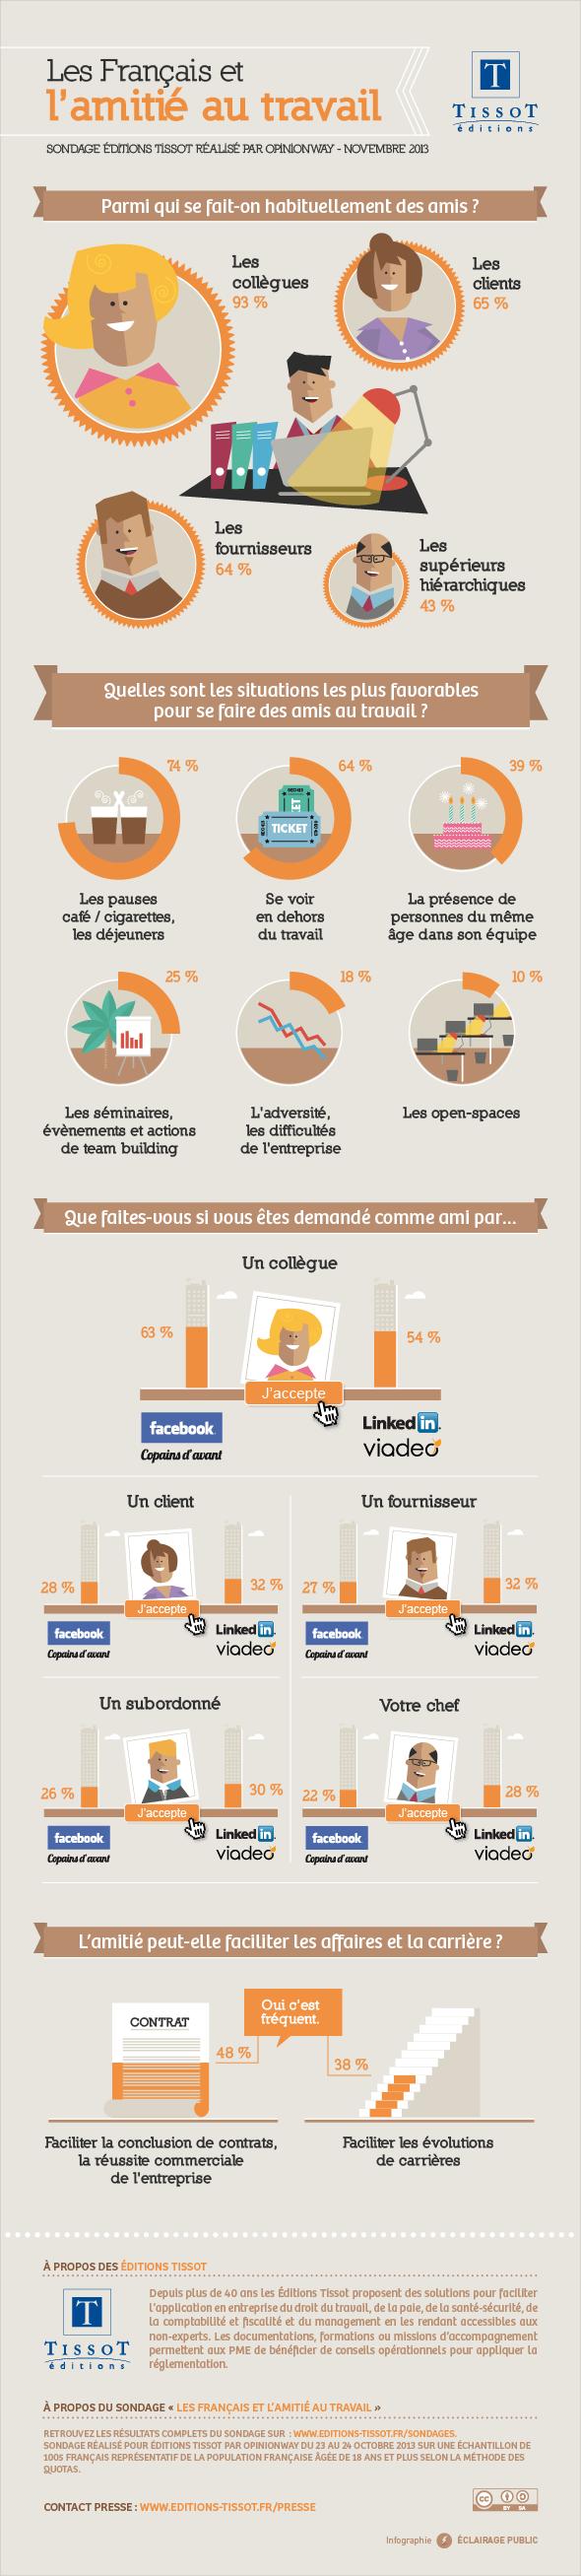 Infographie les Français et l'amitié au travail - Editions Tissot